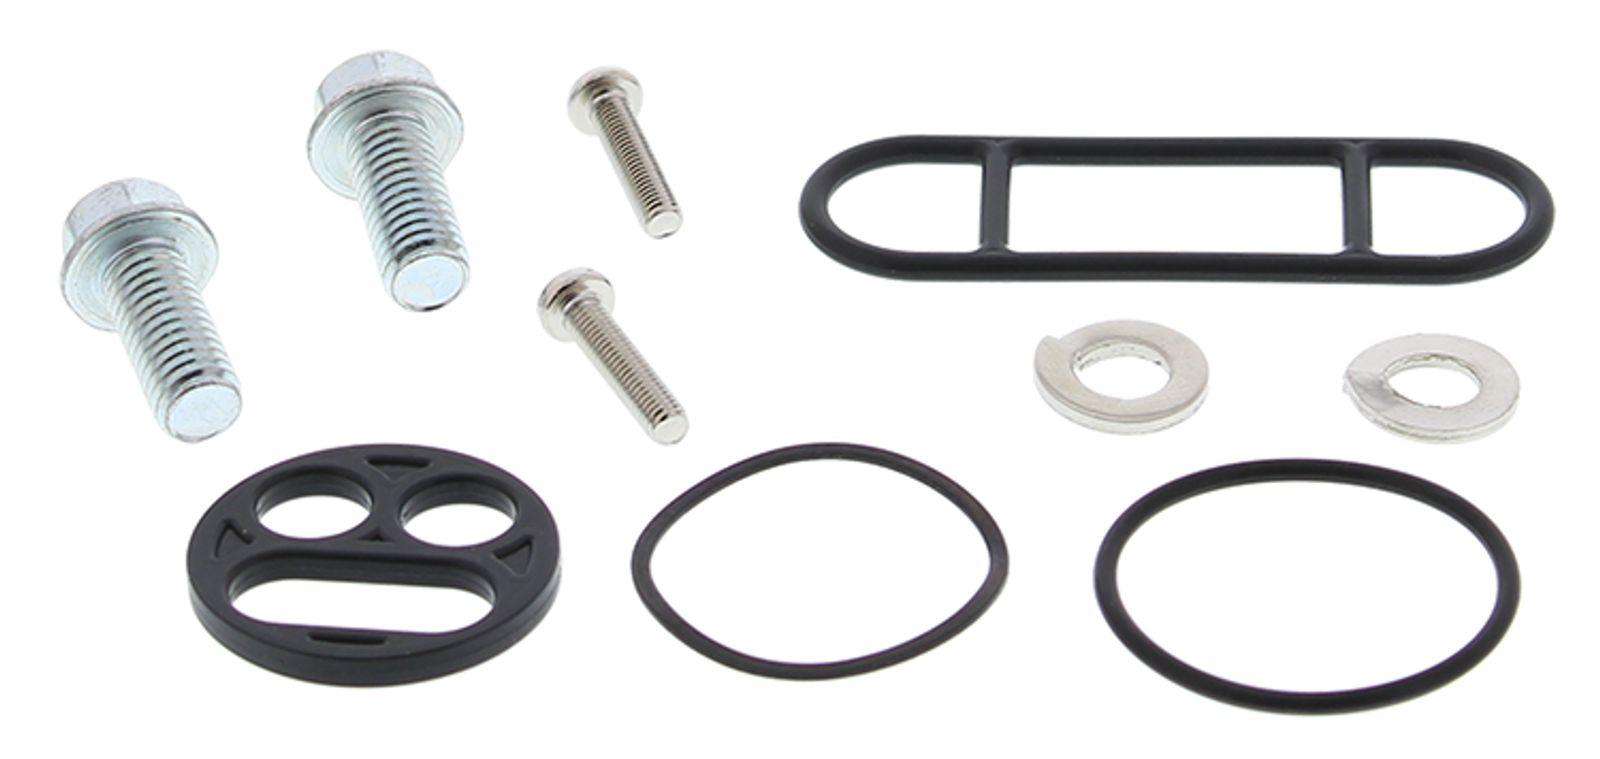 Wrp Fuel Tap Repair Kits - WRP601005 image